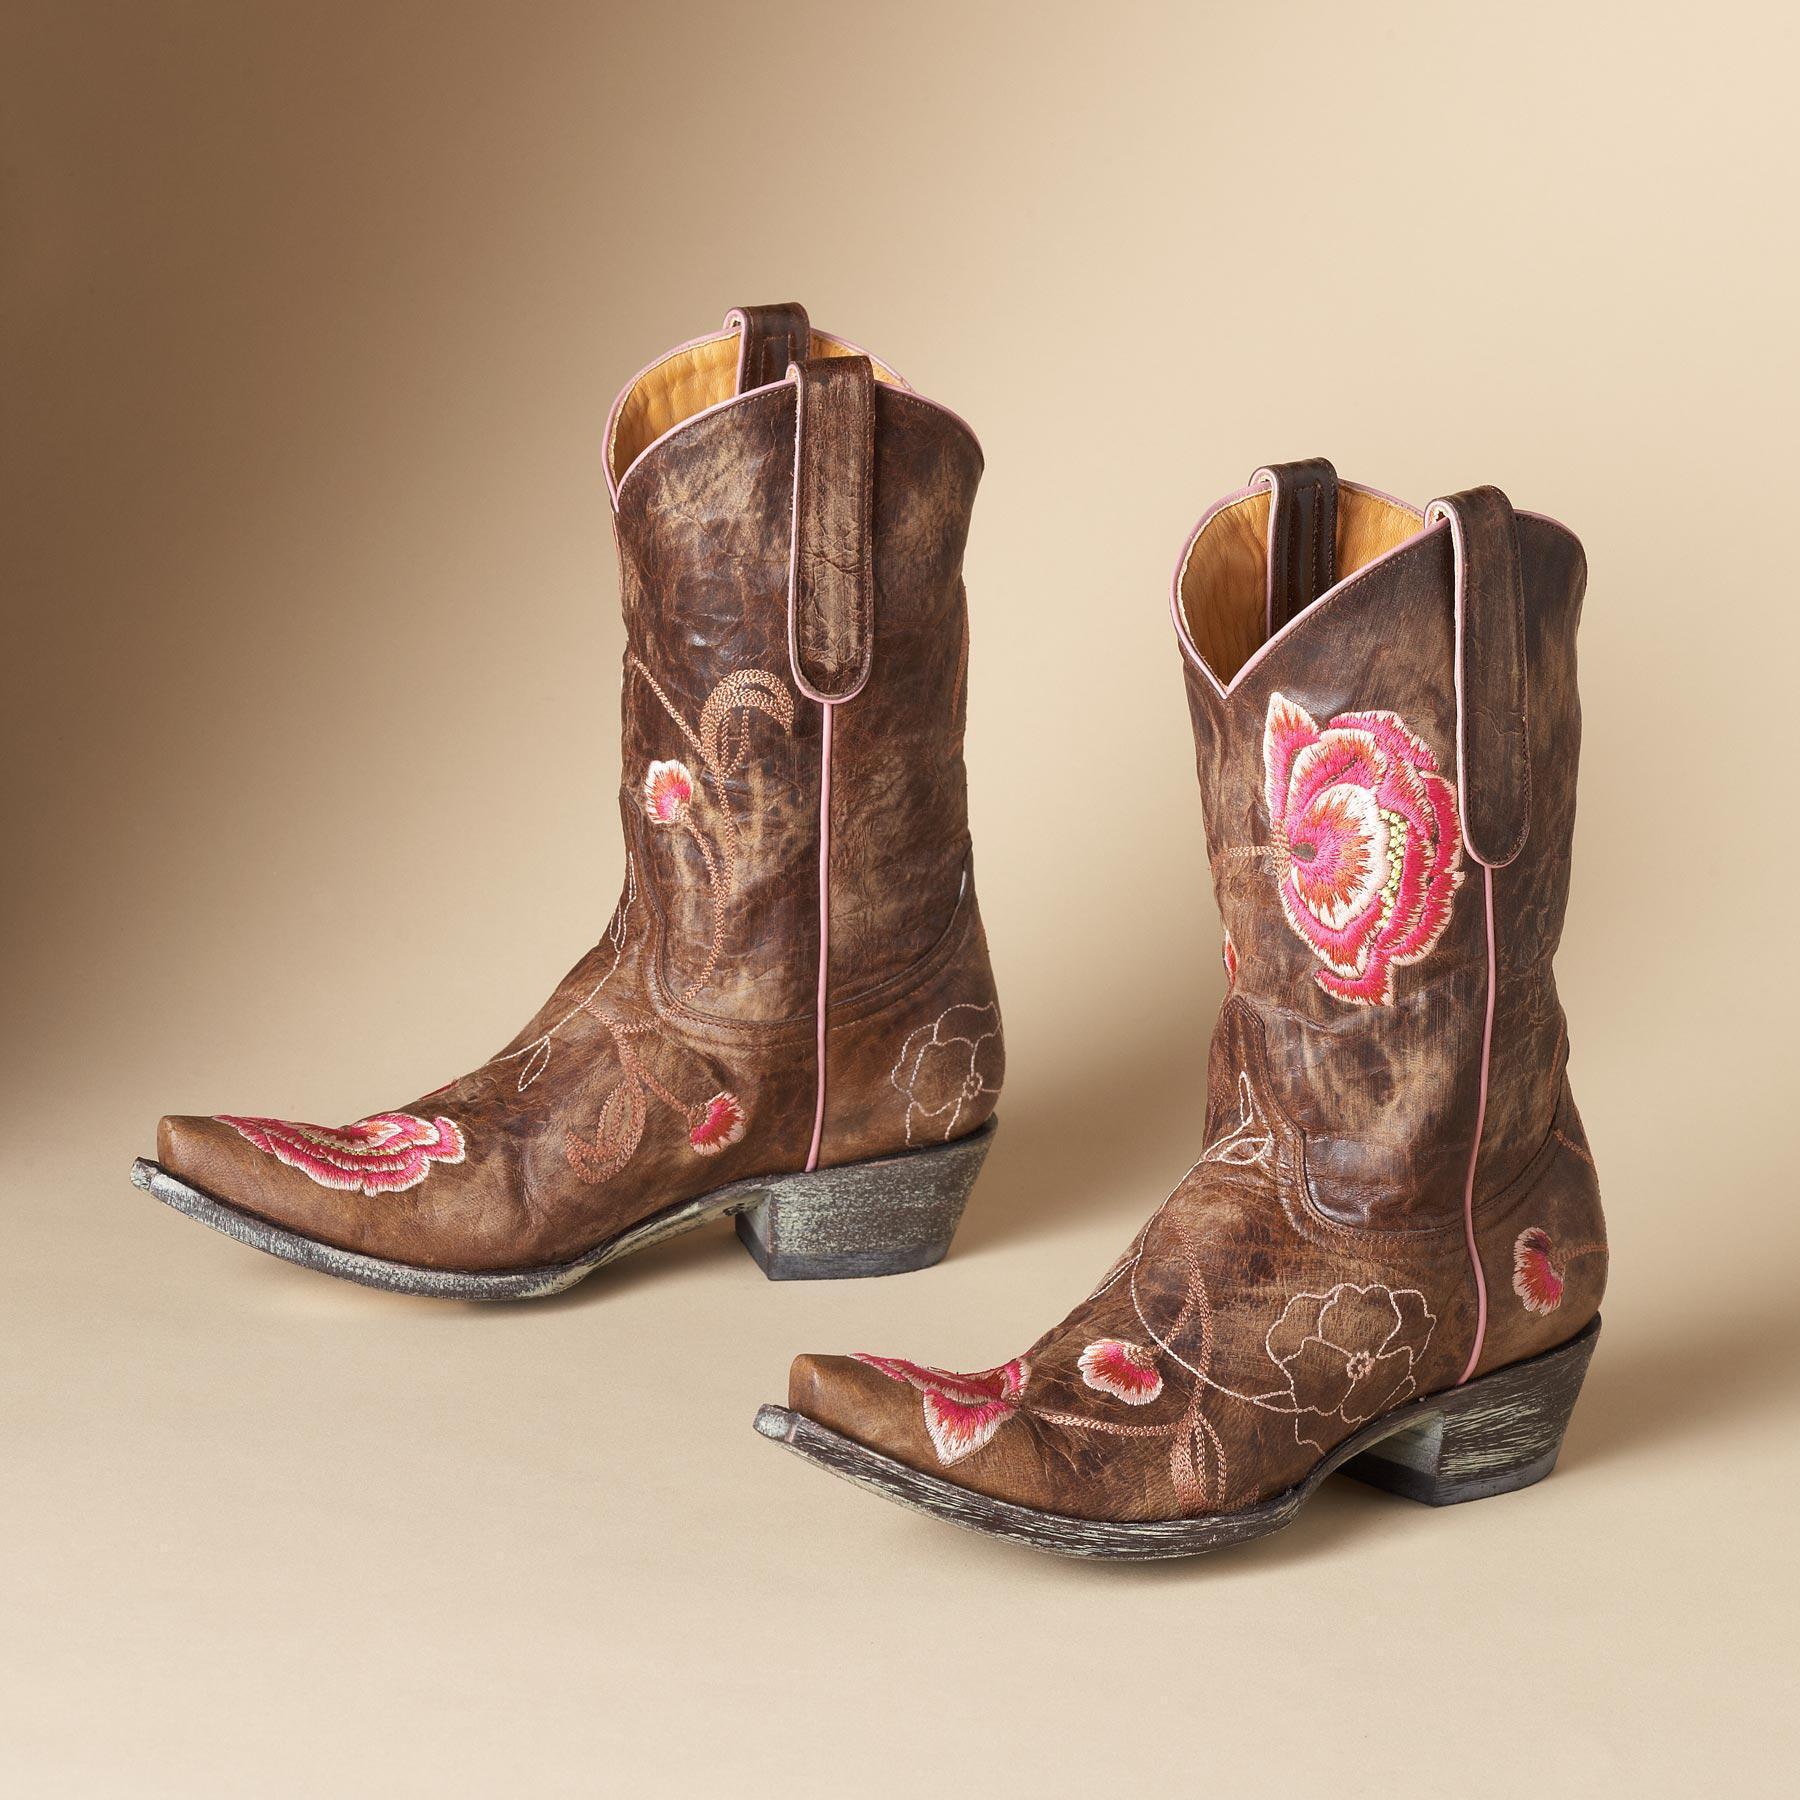 Old Gringo Della Rossa Boots